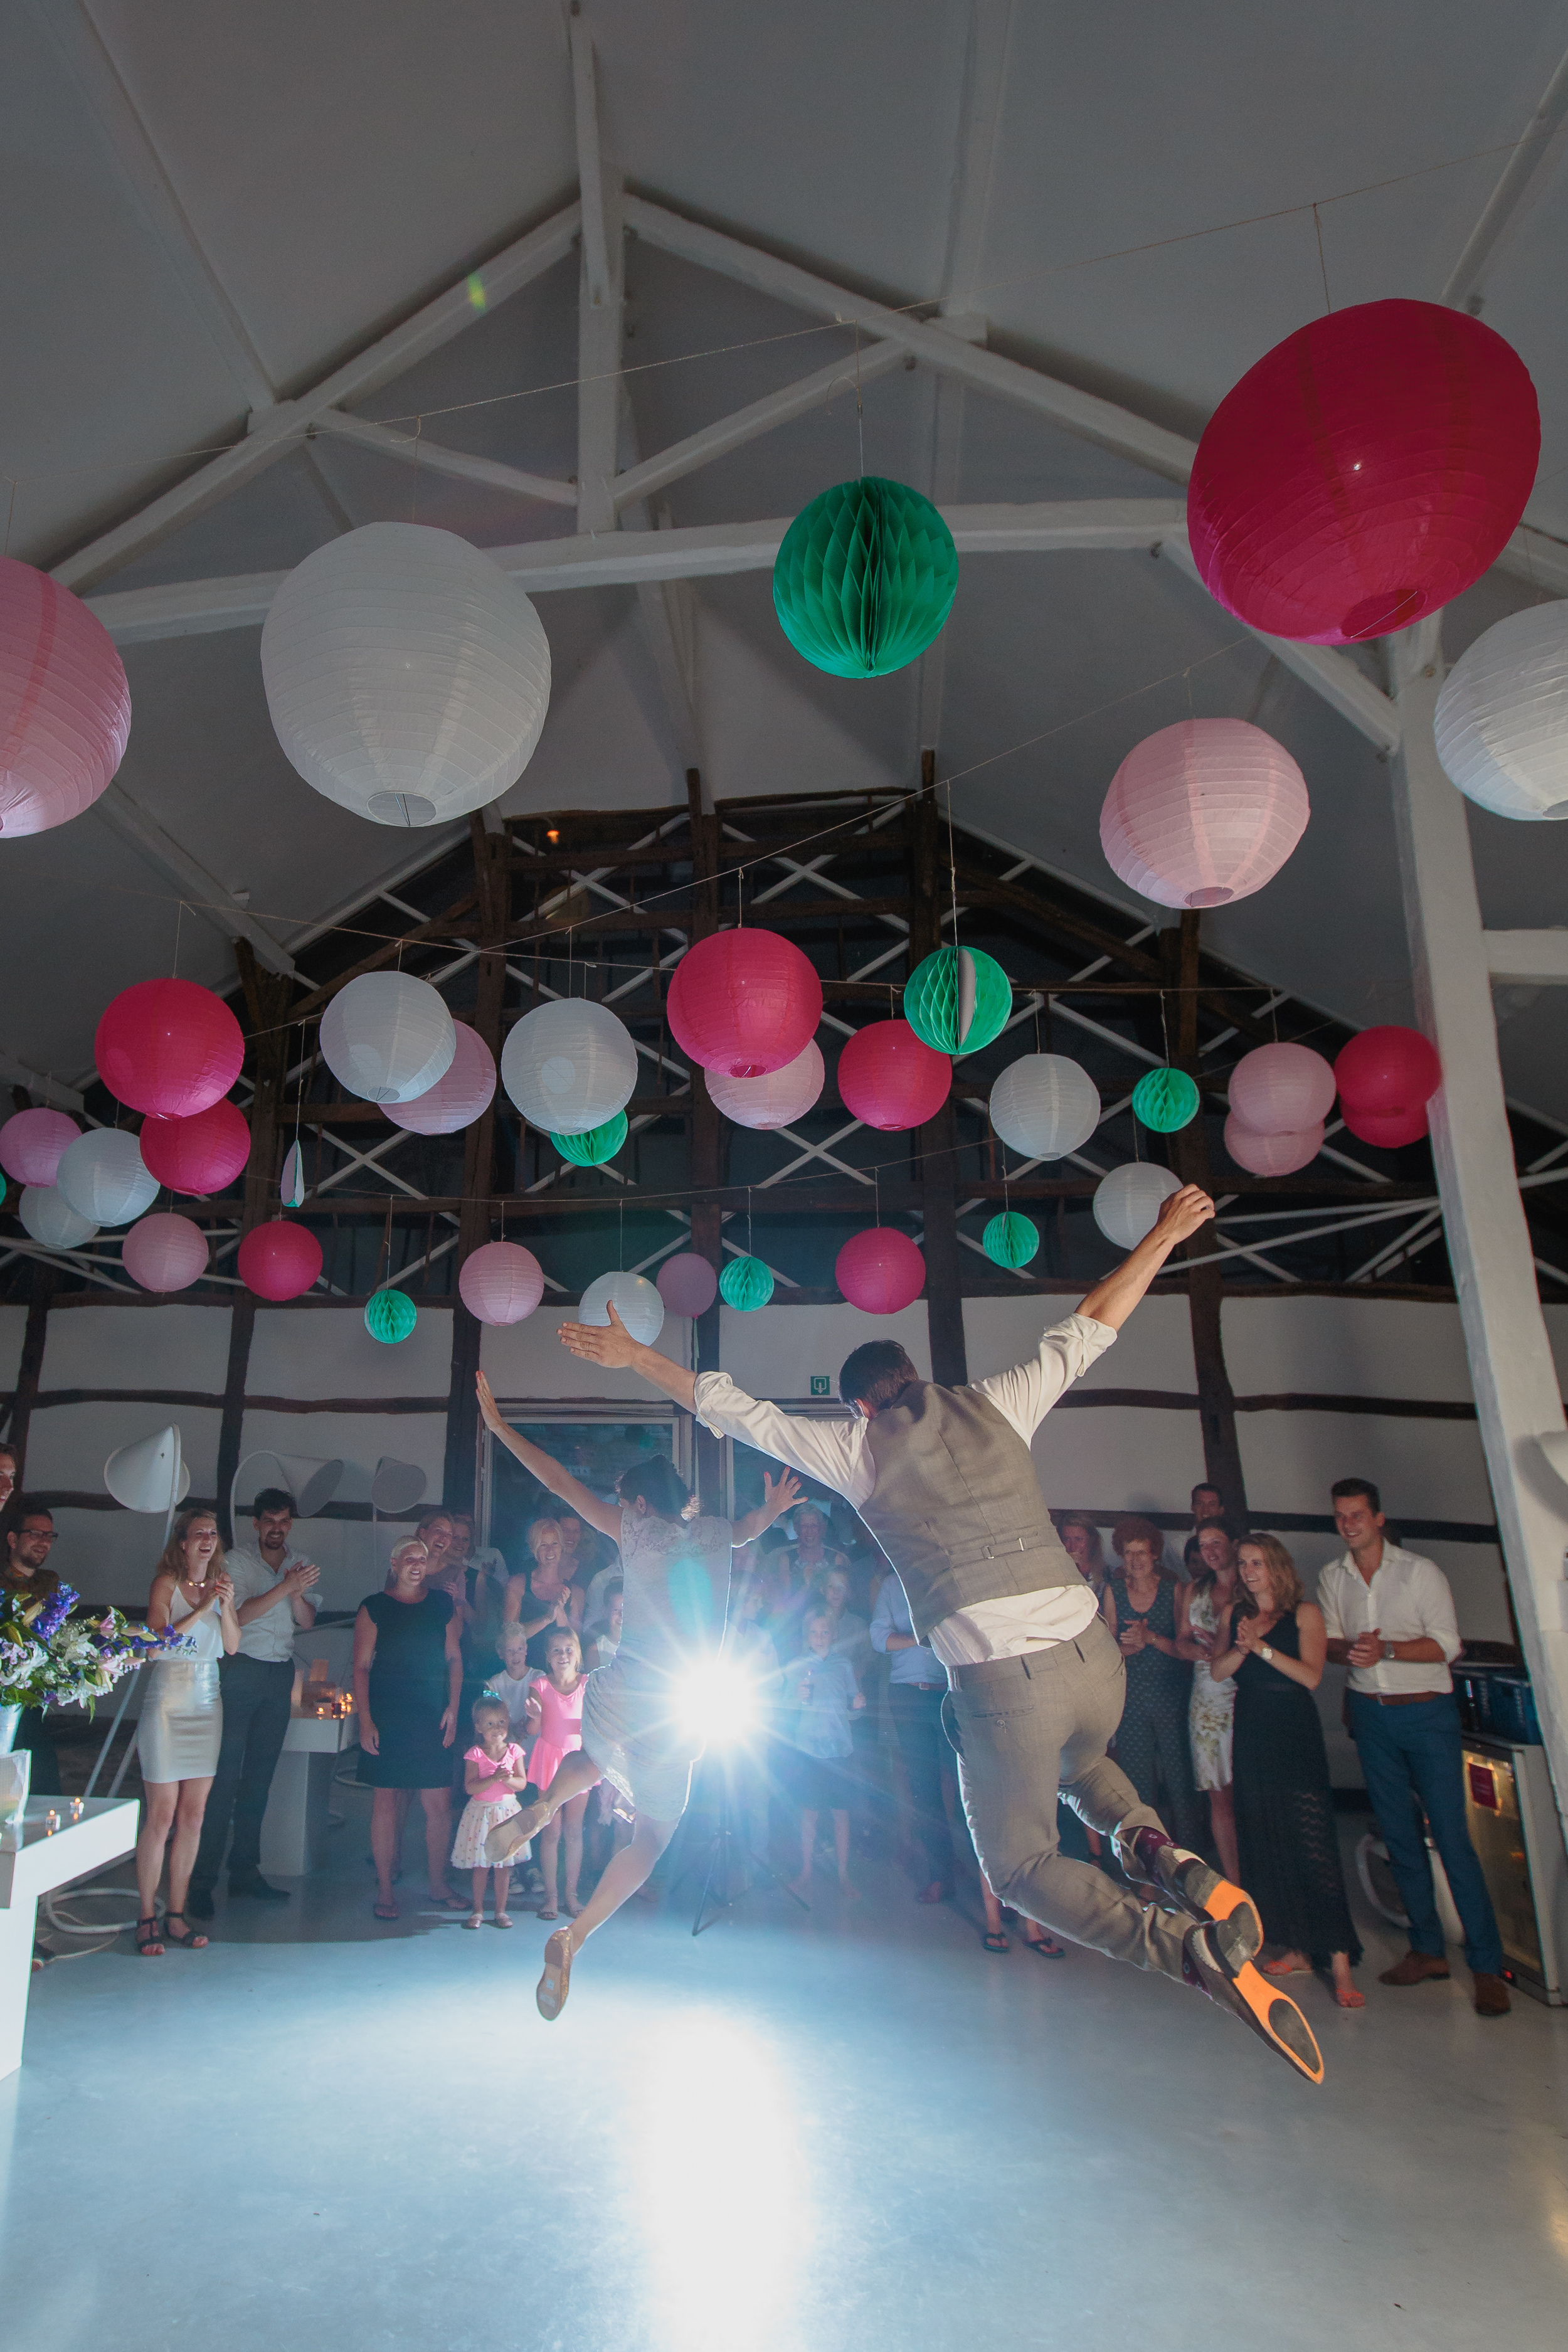 Karin en Vincent (woonachtig in het verre Uden, NL) kozen voor een huwelijk in de exotische Ardennen (Sechery) en bijpassende exotische Belgjes iso800 als fotografen. Met het hele gezin en een meute vrienden, familie en sympathisanten zetten ze een heel weekend lang de geweldige feestzaal op stelten.